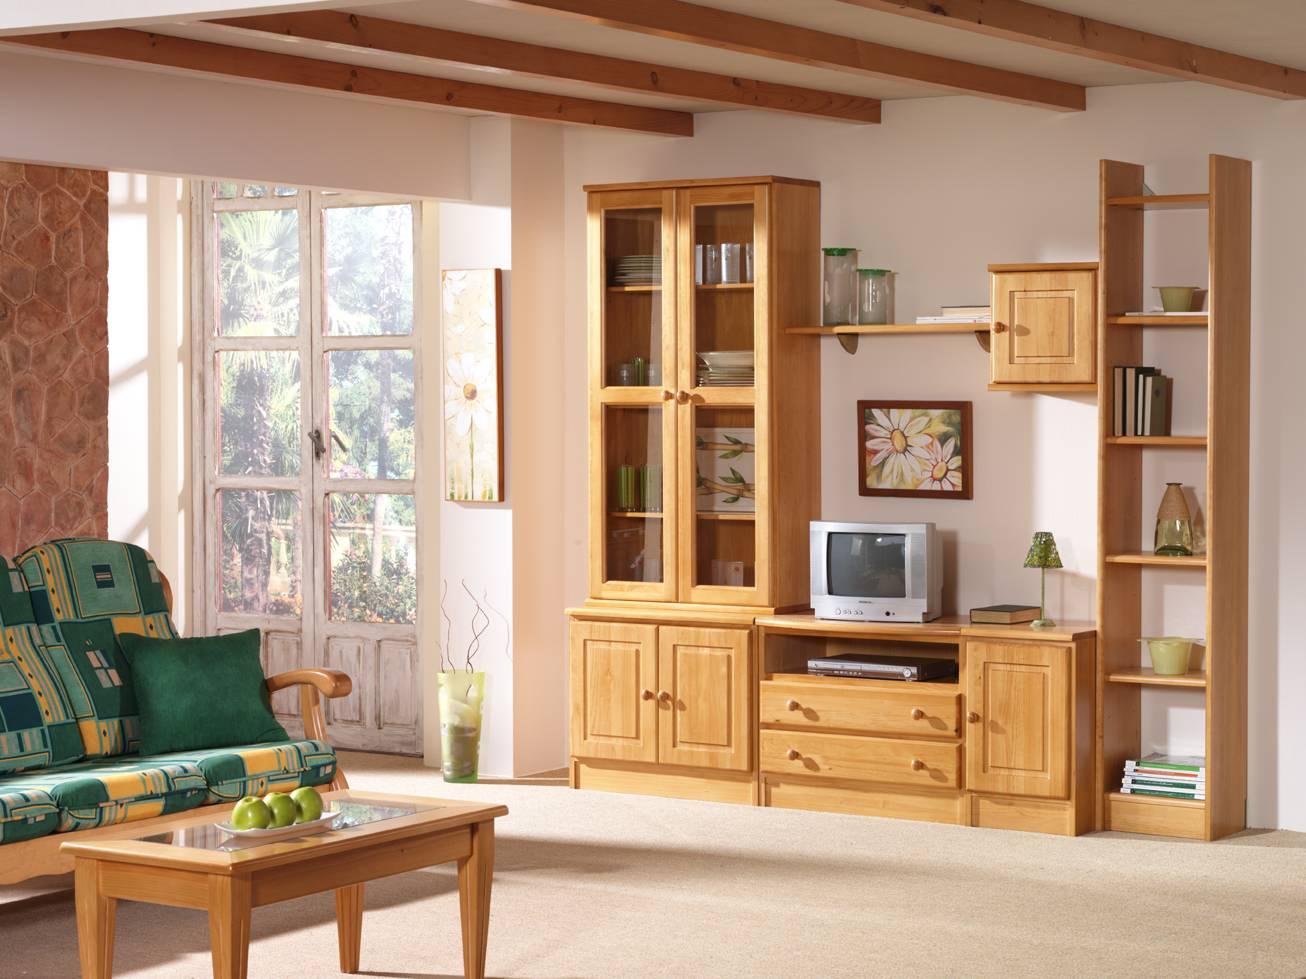 Reglas para conseguir muebles baratos for Muebles comedor baratos online